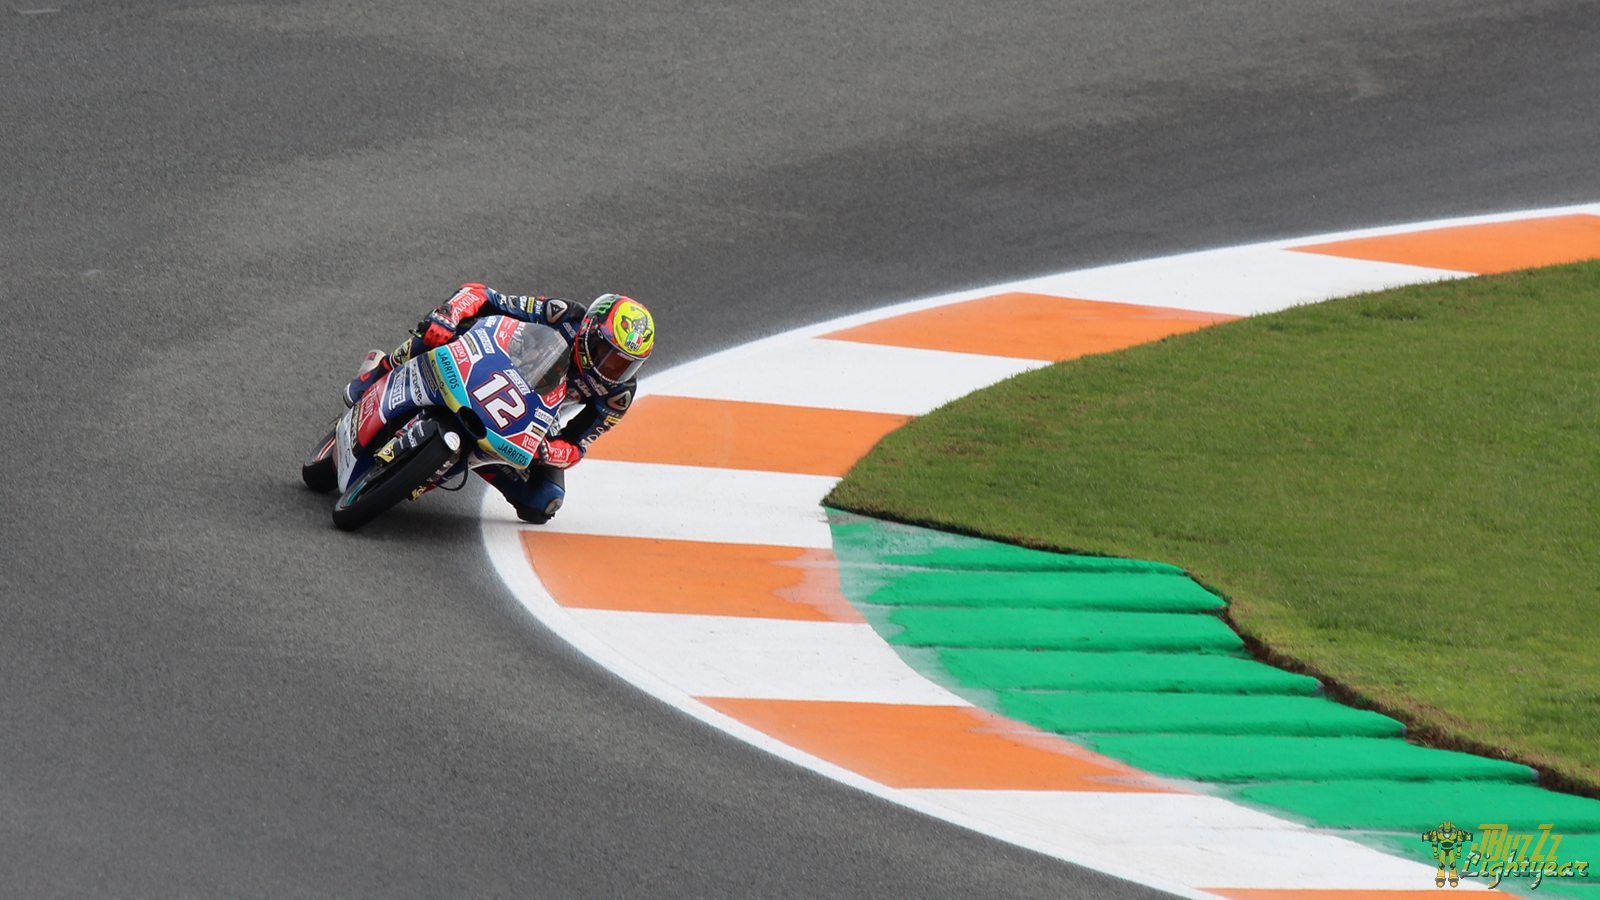 Marco Bezzecchi sur le MotoGP Valence 2018